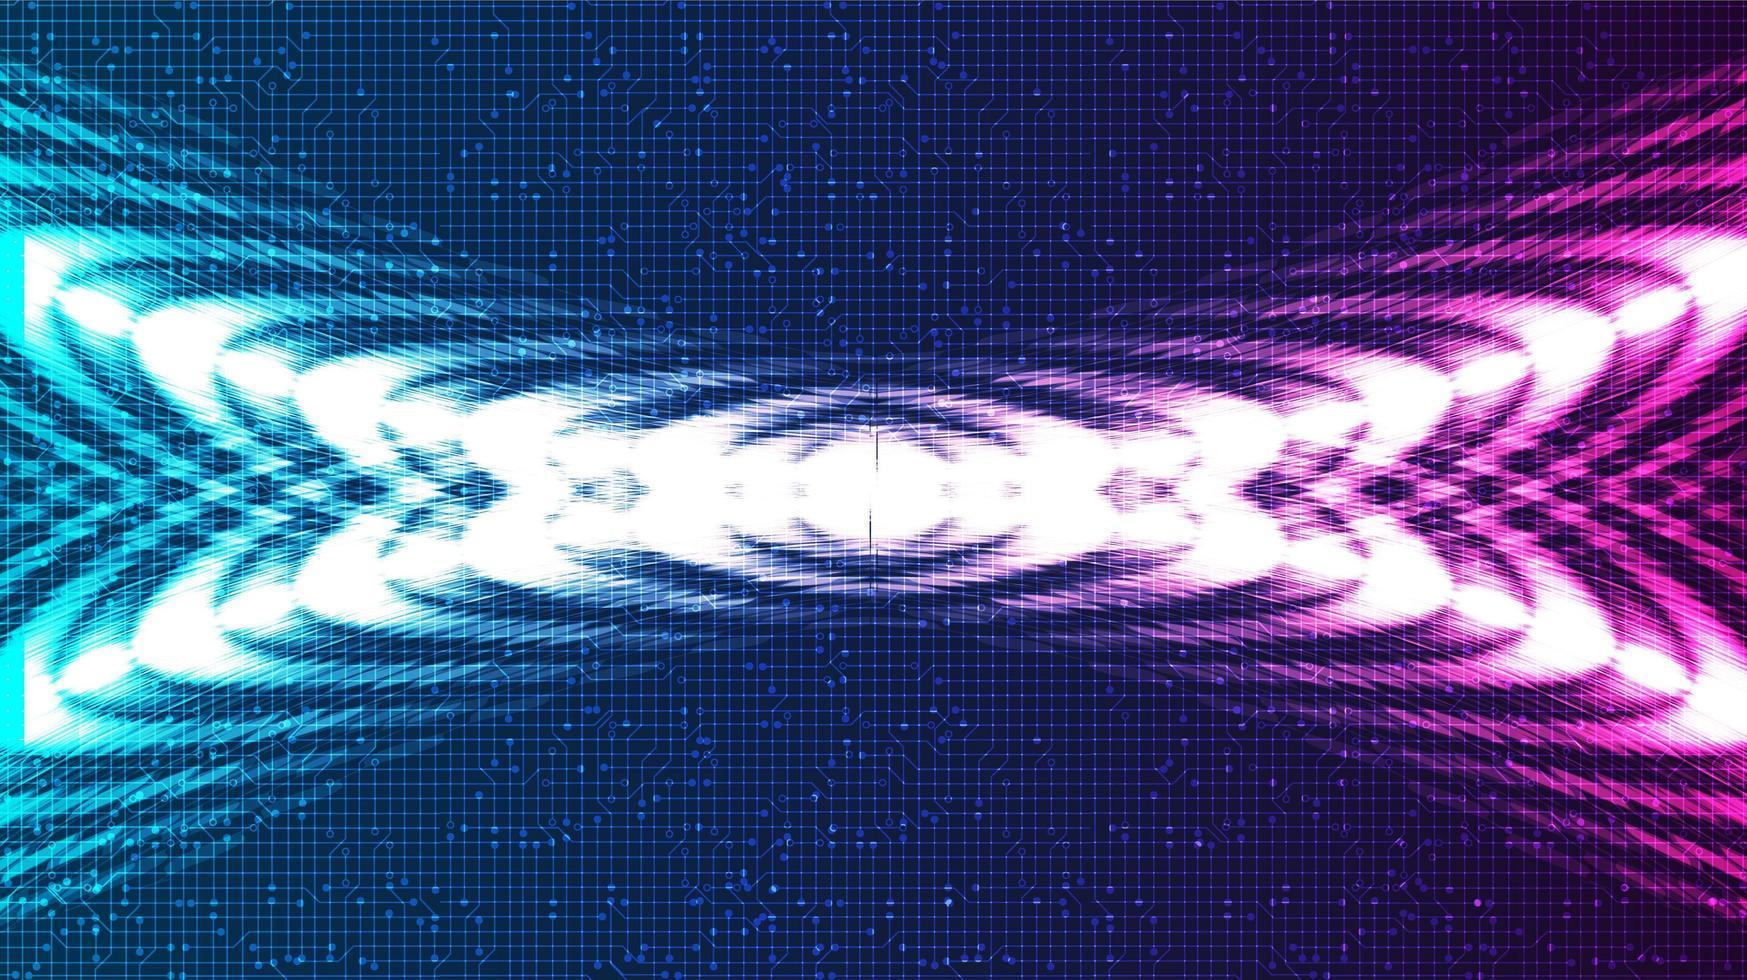 Resumen de onda de sonido digital violeta y azul y concepto de onda de terremoto vector